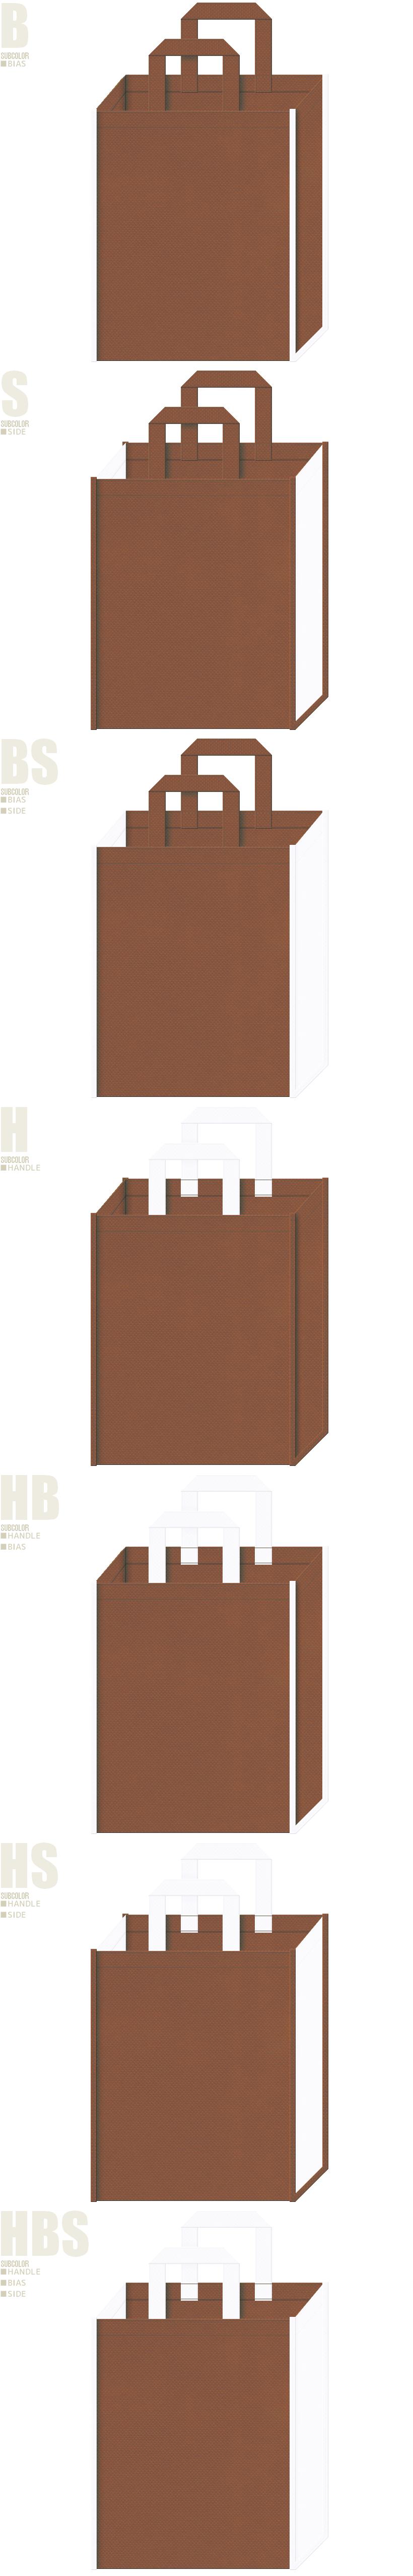 茶色と白色、7パターンの不織布トートバッグ配色デザイン例。